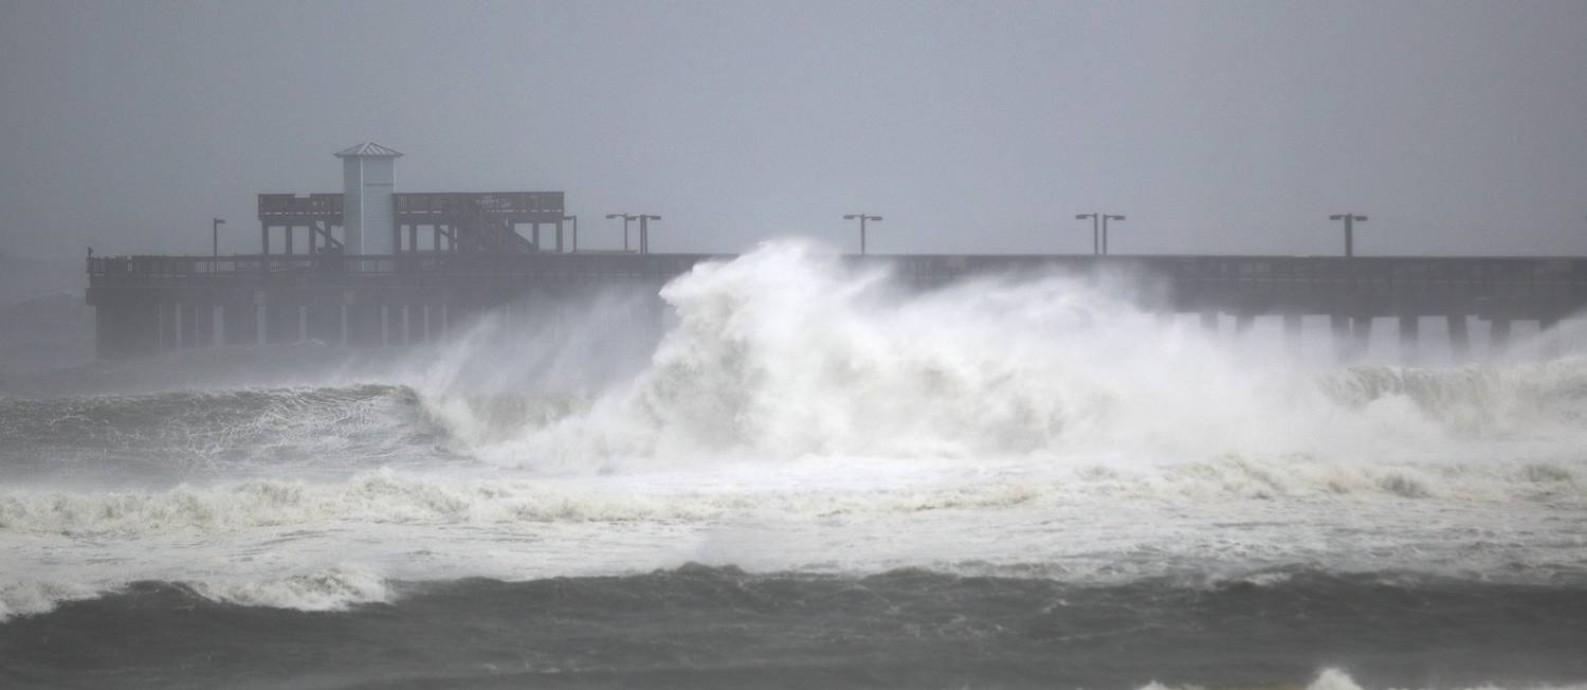 Ondas trazidas pelo furacão Sally já atingem a costa do Alabama, nos EUA Foto: JOE RAEDLE / AFP